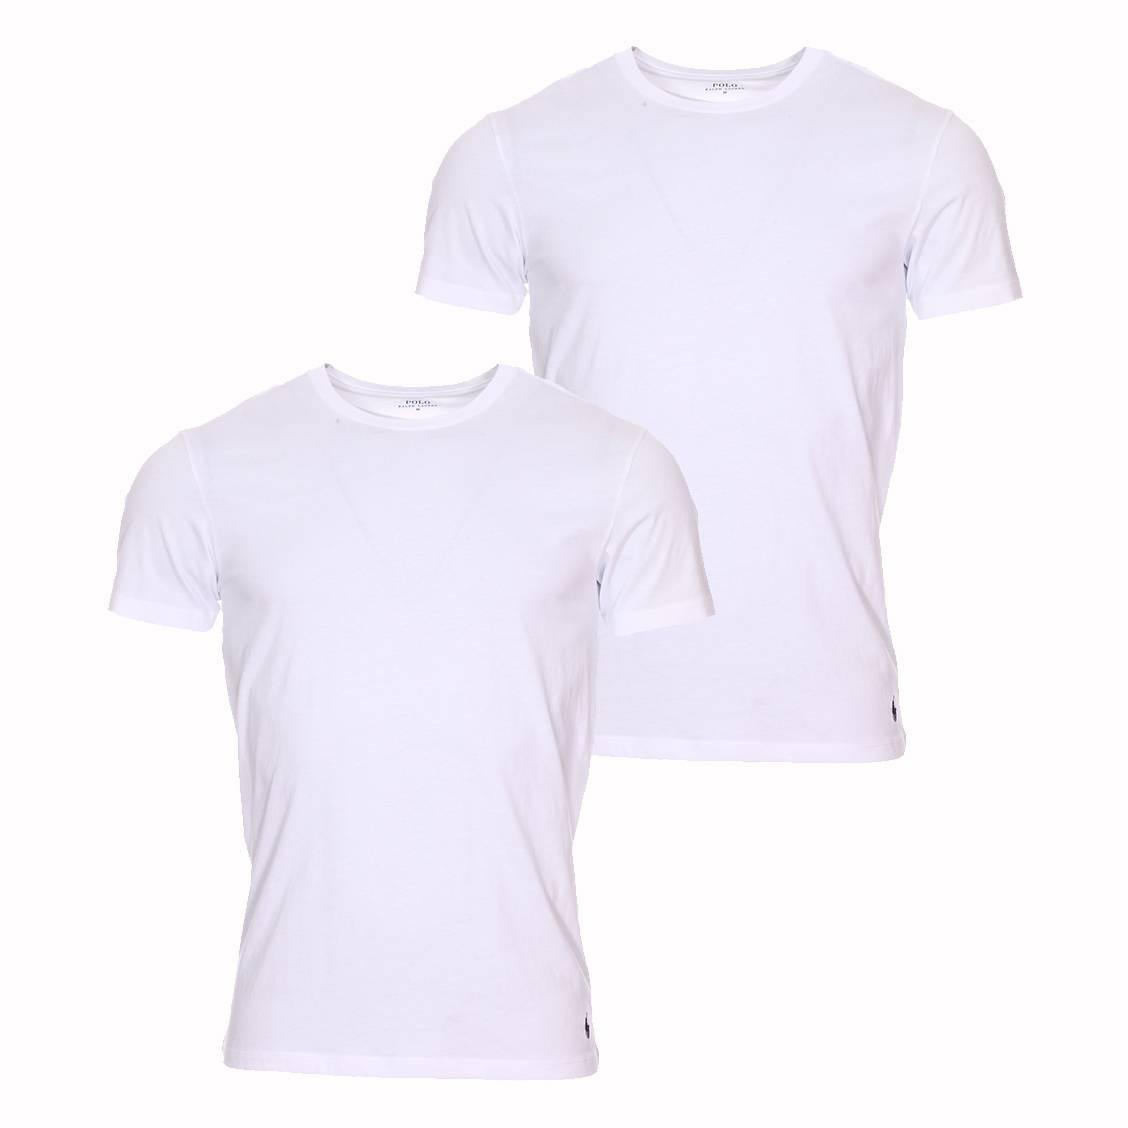 b07c5760a7c90 Lot de 2 tee-shirts col rond Polo Ralph Lauren en coton blanc à logo ...